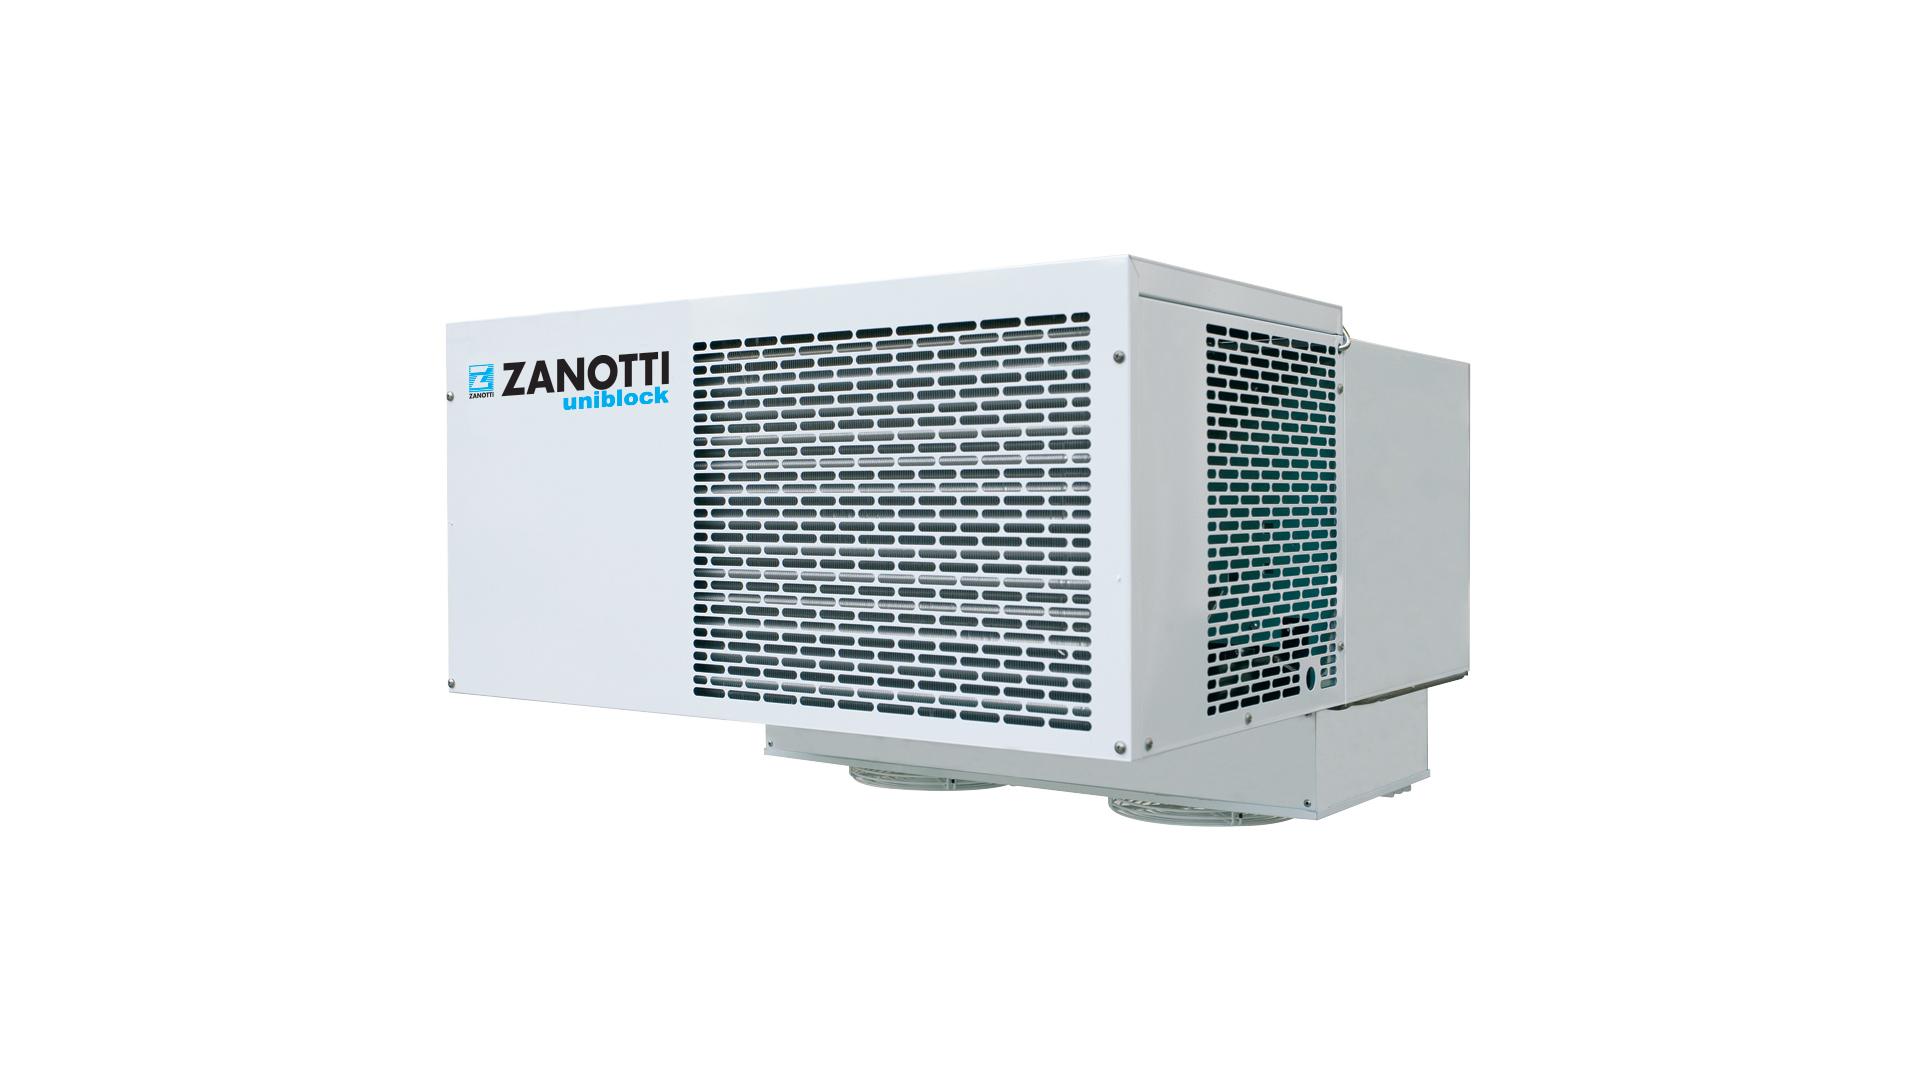 Monoblocco per cella frigo, modello Zanotti SB3